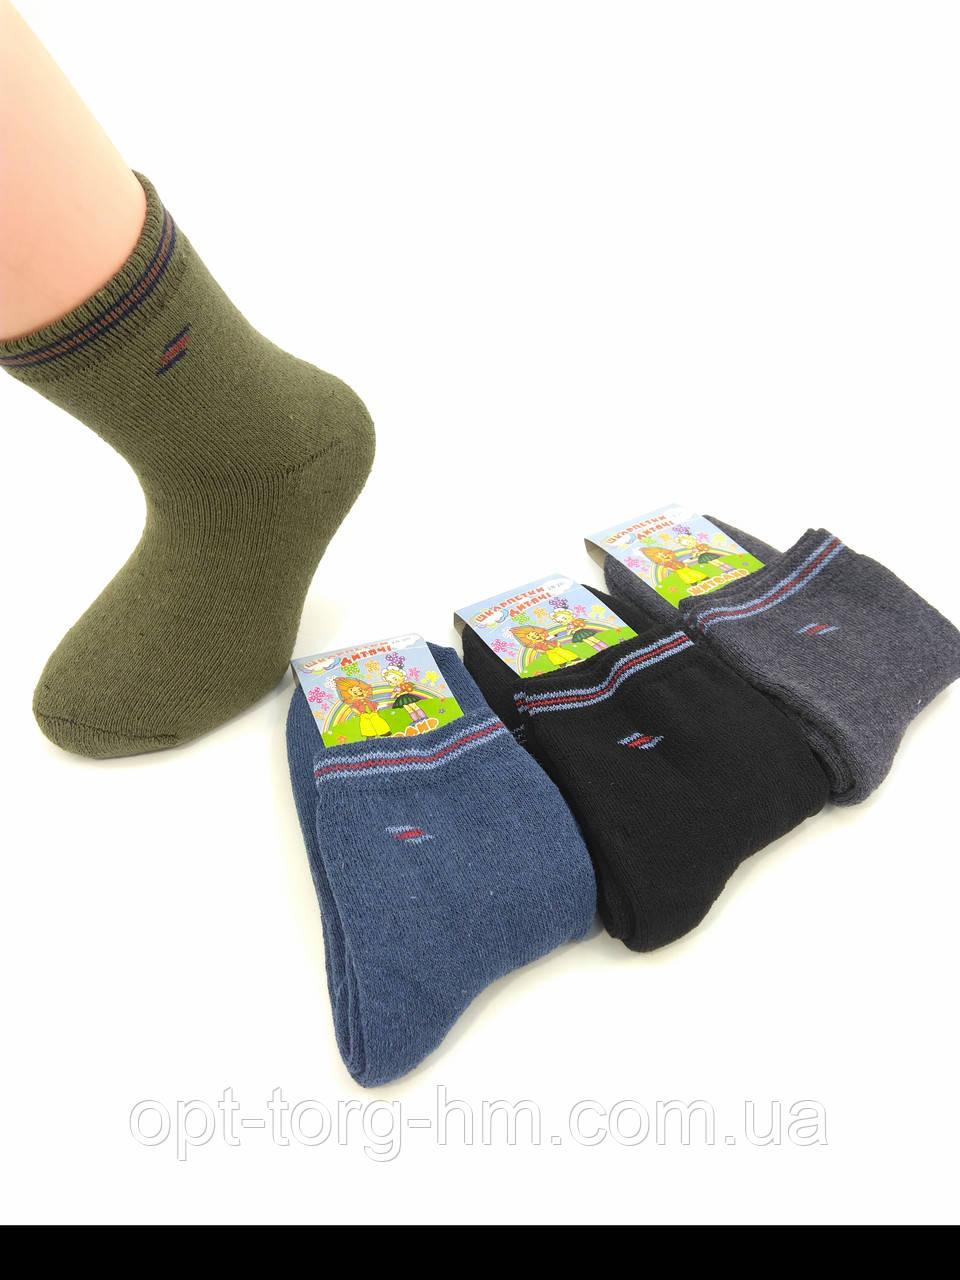 Махровые детские носки Микс чистые 18-20 (28-32 обувь)